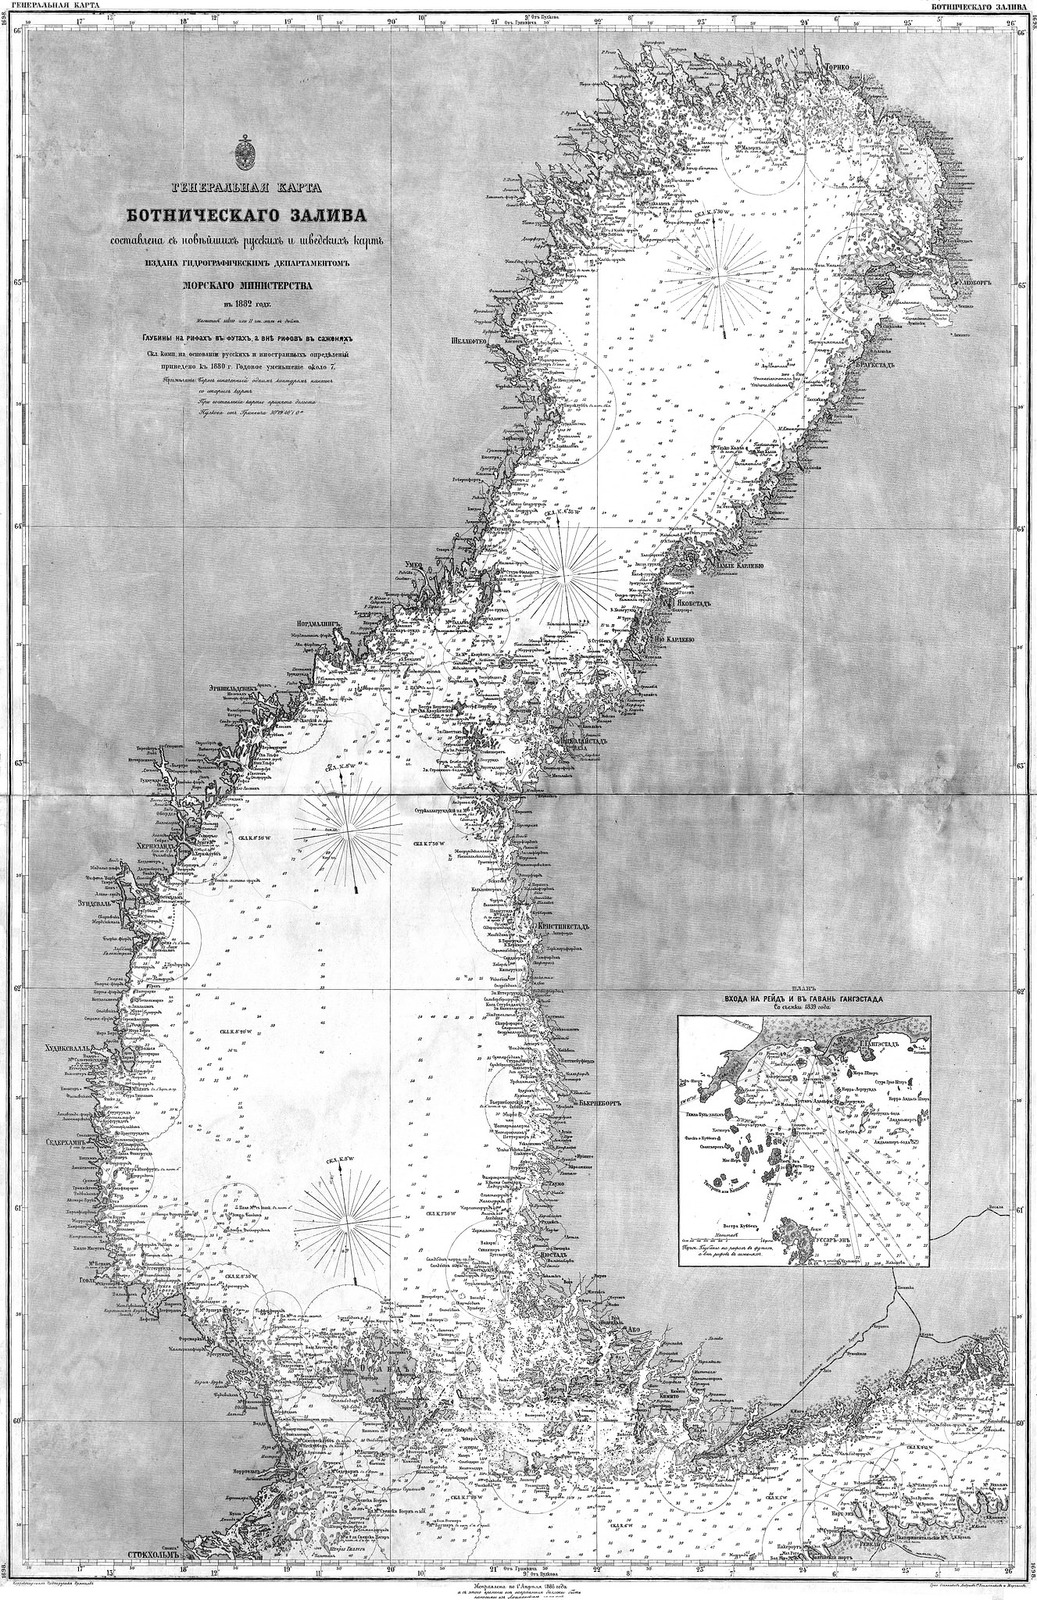 1882. Генеральная карта Ботнического залива